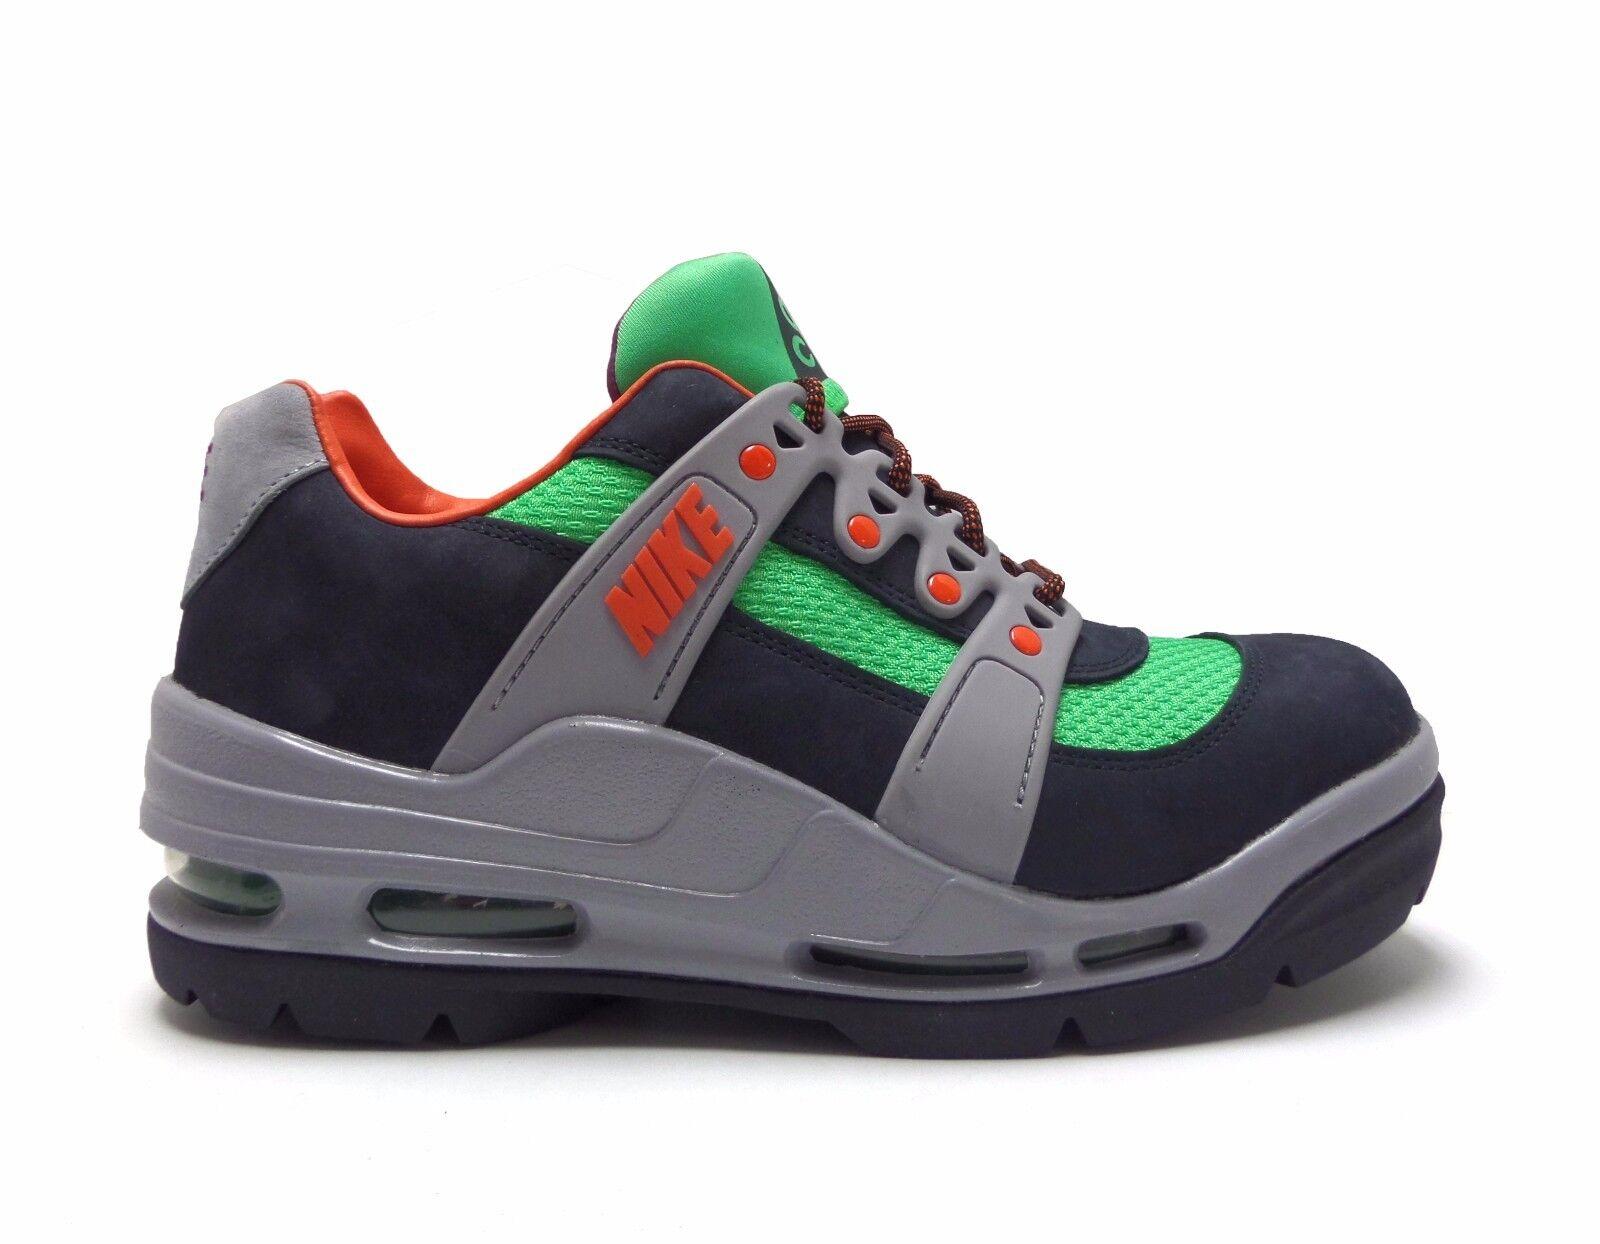 Nike air max uomini superdome basso acg scarpe buio ossidiana 317501-461 a8